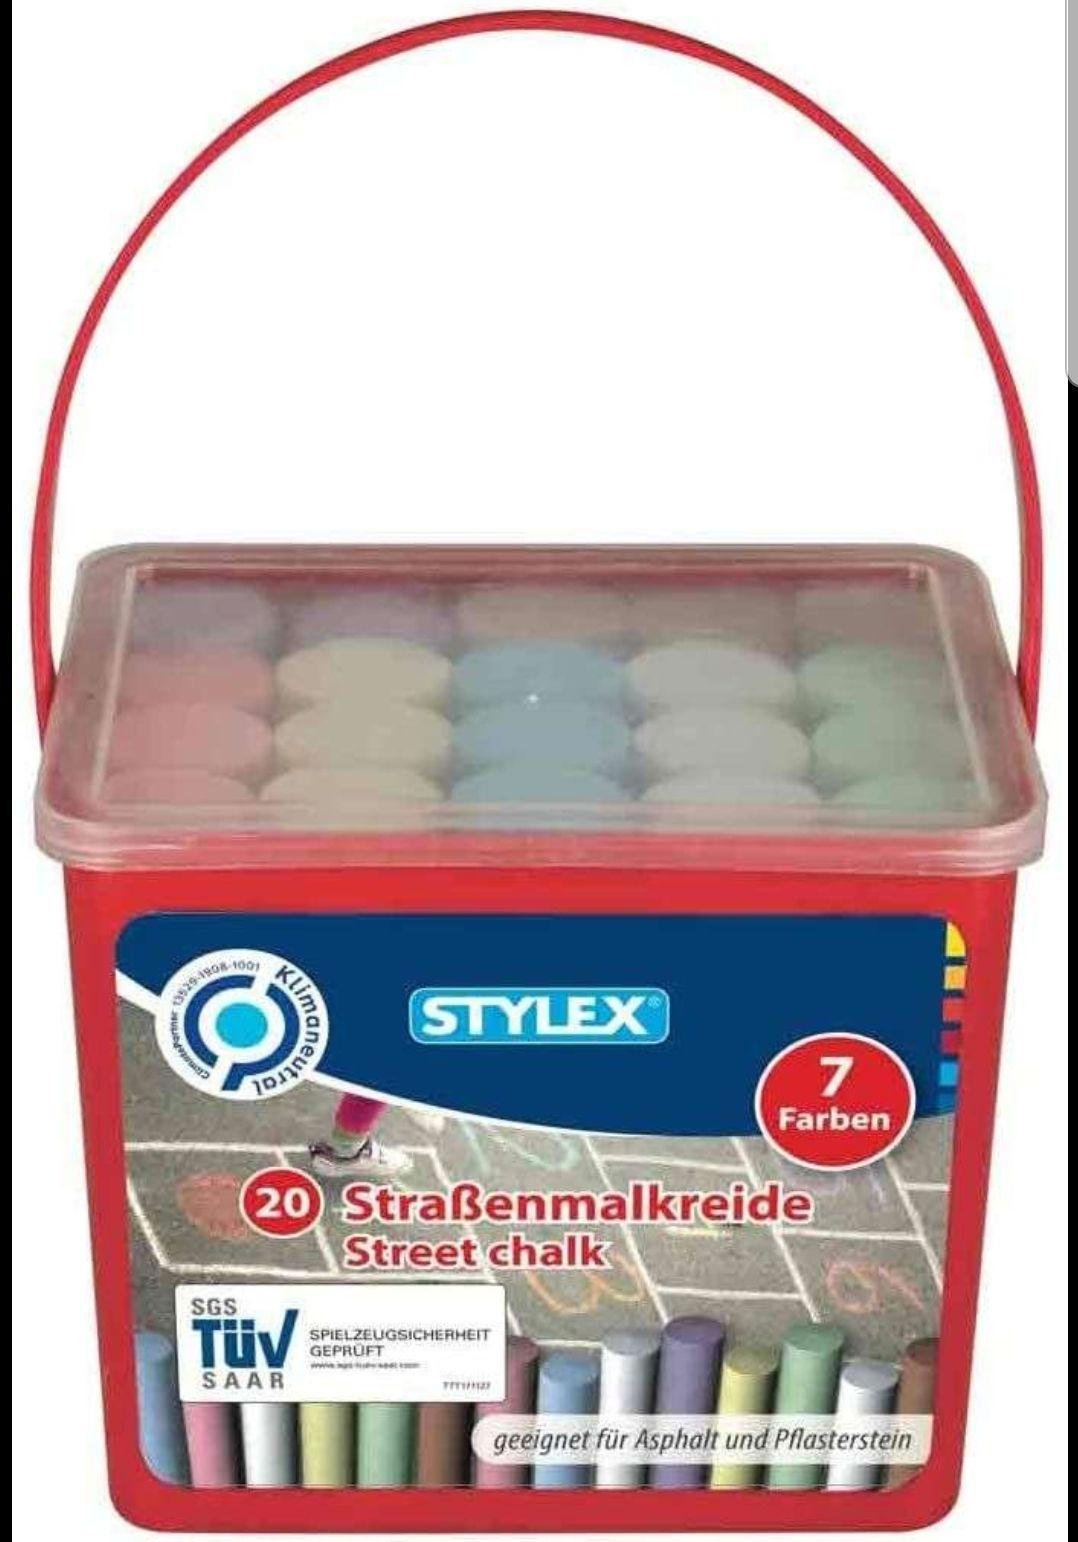 Stylex Straßenkreide, 20 Stück in 7 verschiedenen Farben, Aldi Süd Neuhofen (lokal)